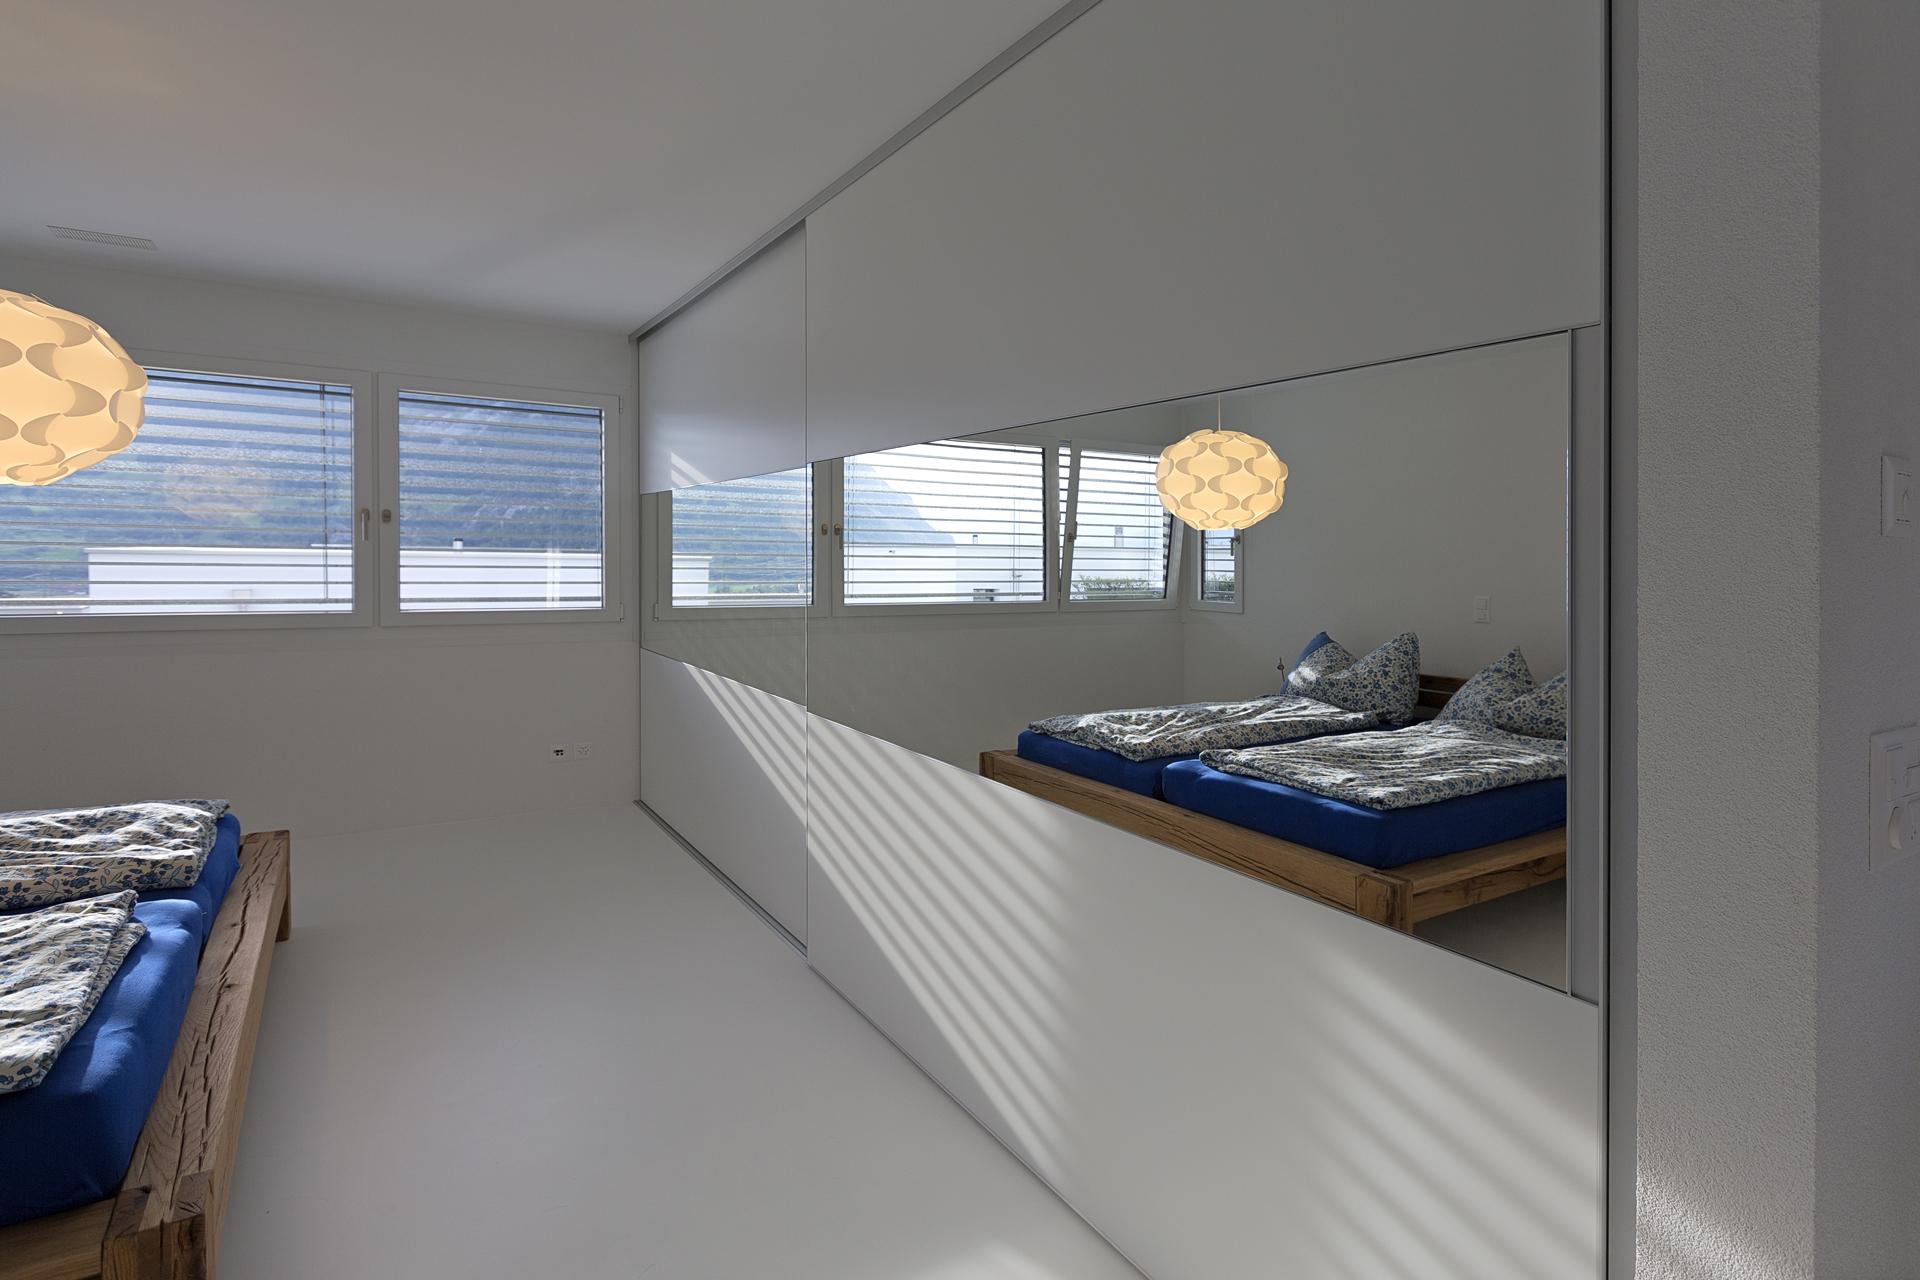 pin begehbarer schlafzimmerschrank mit schiebet ren on pinterest. Black Bedroom Furniture Sets. Home Design Ideas